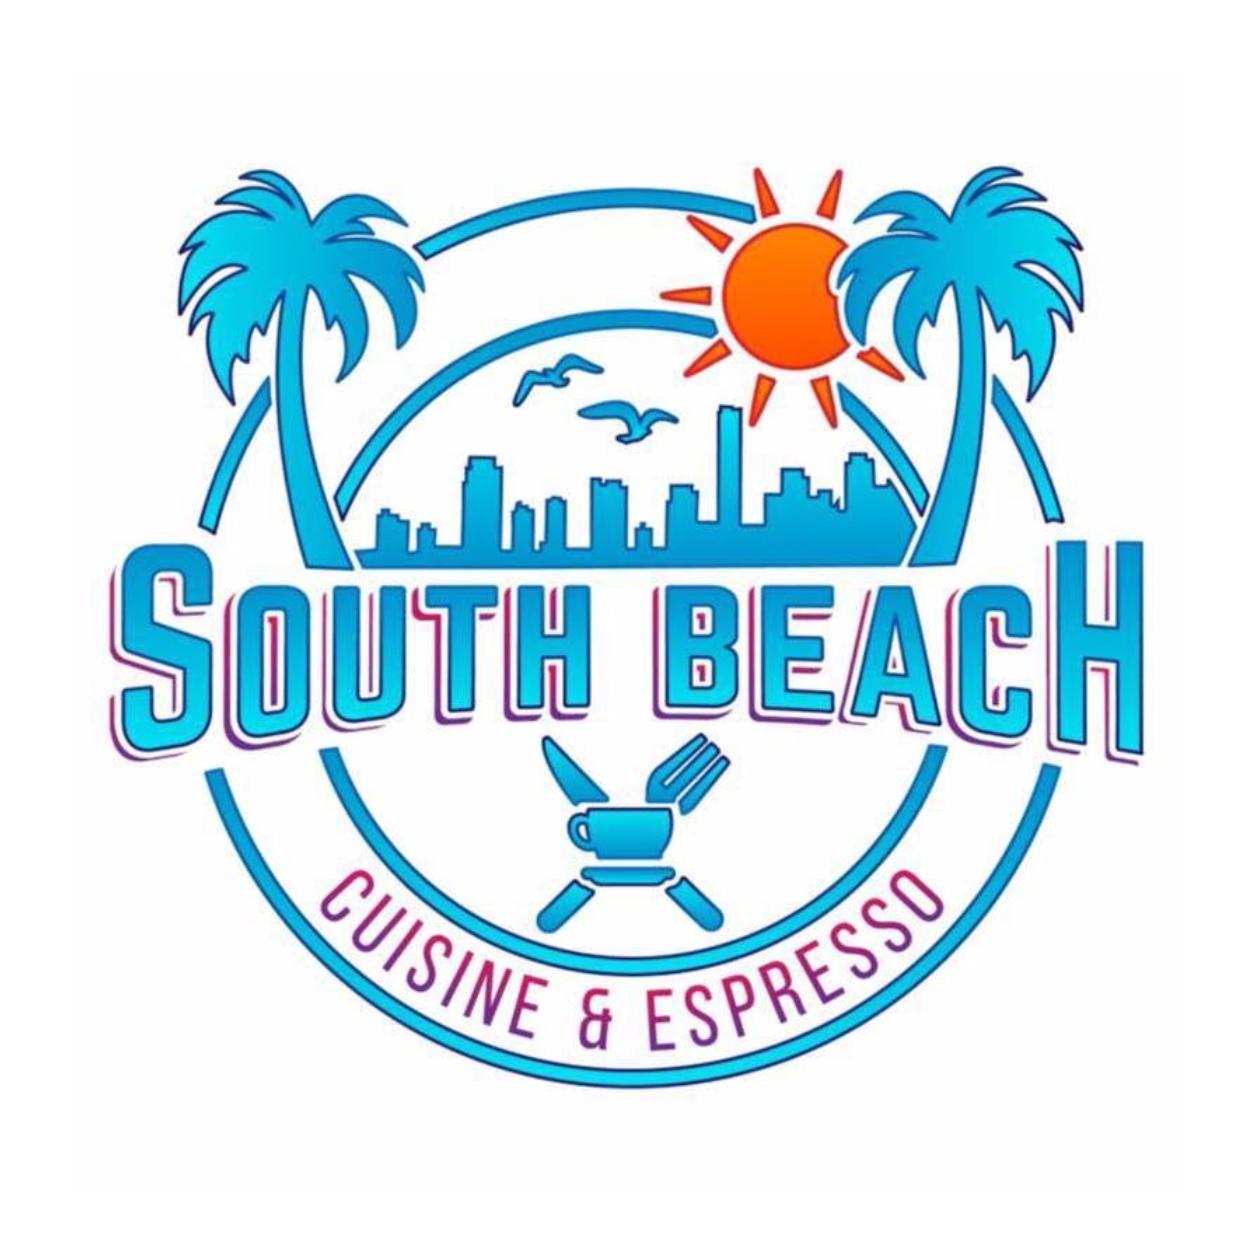 South Beach Cuisine and Espresso